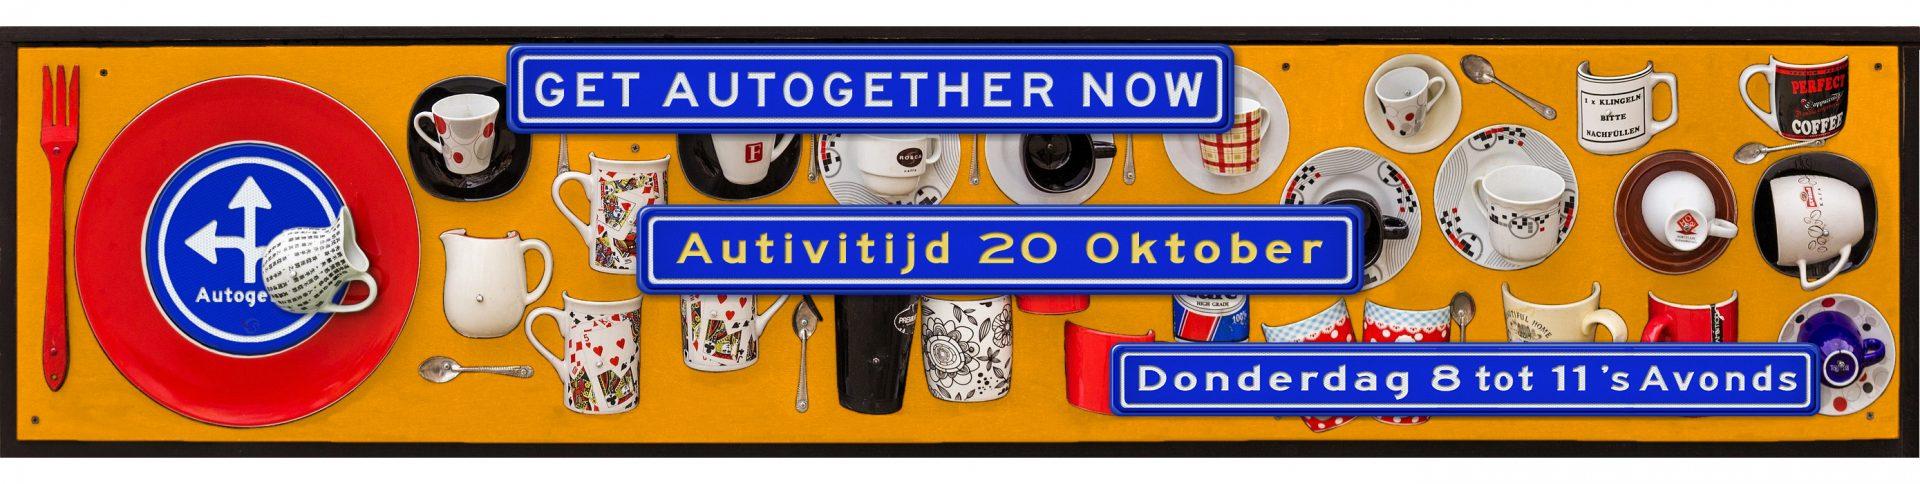 Donderdag 20 Oktober van 20:00 tot 23:00 is het weer Autogether in de Tapijn